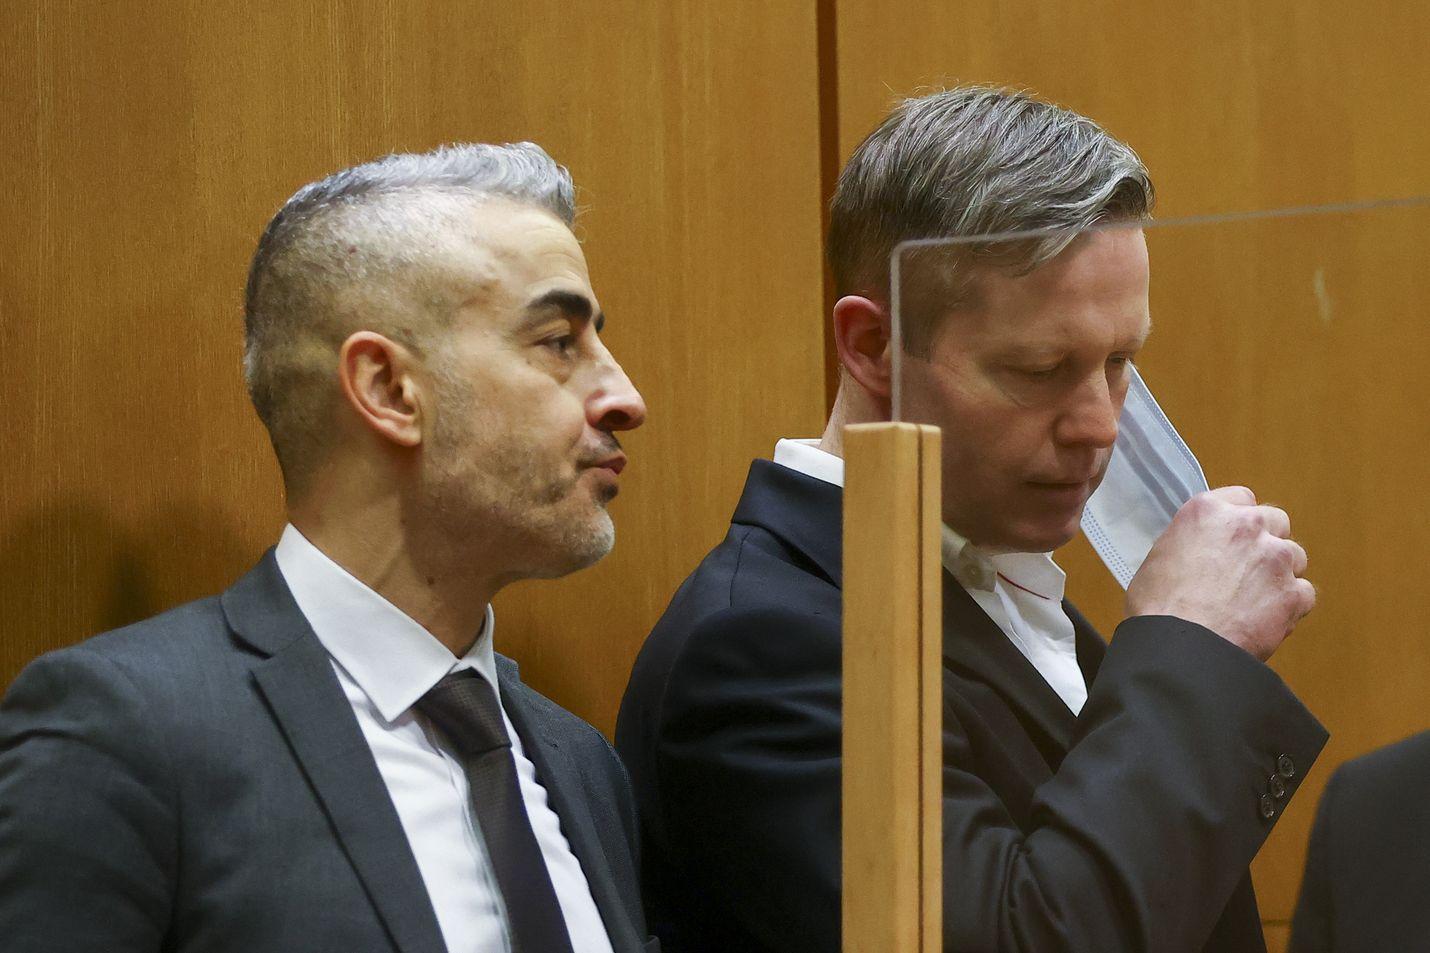 Murhasta tuomittu Stephan Ernst (oik.) riisui kasvomaskin oikeussalissa ennen kuin hänen tuomionsa luettiin.